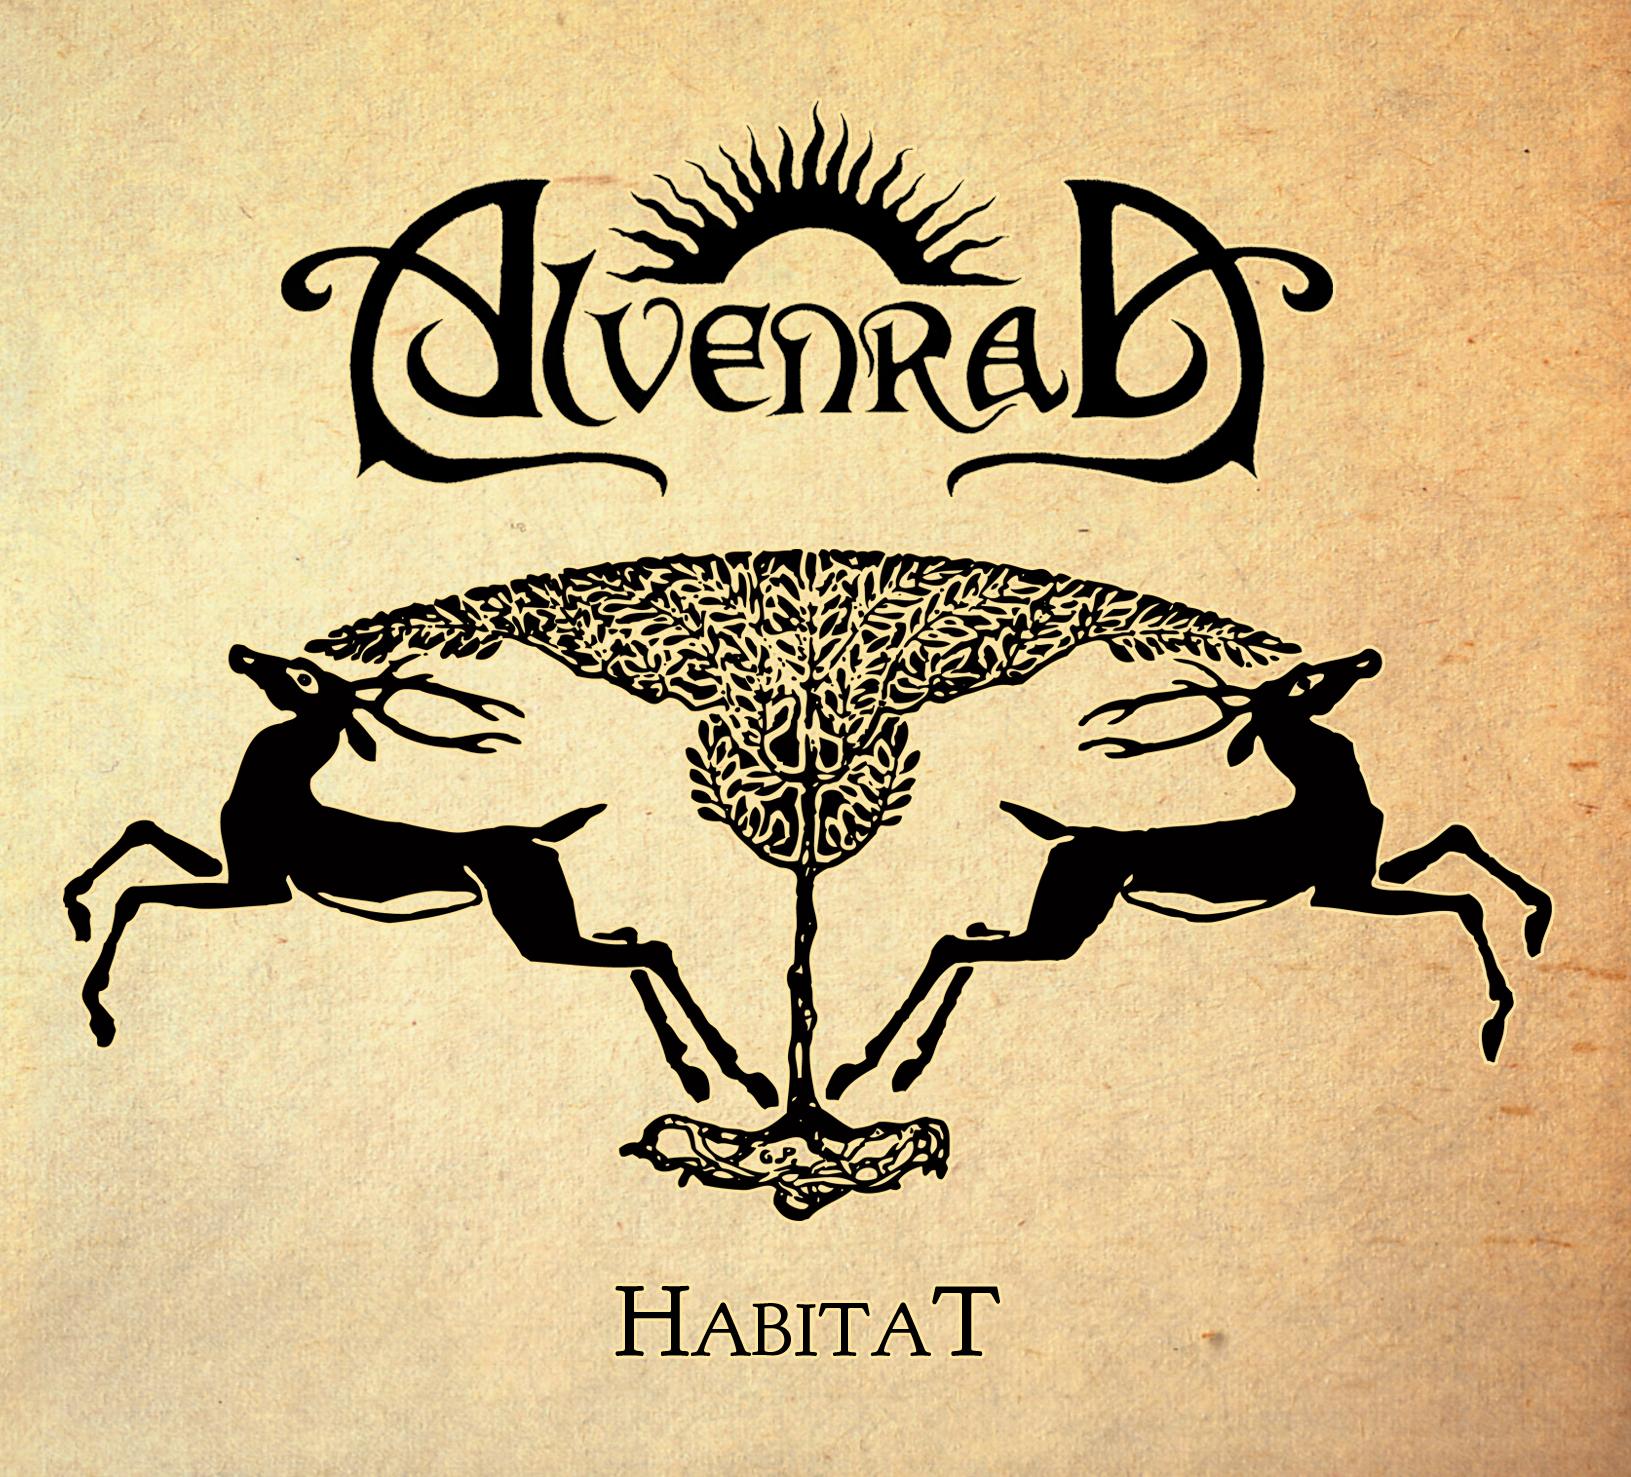 Alvenrad – Habitat 6/6